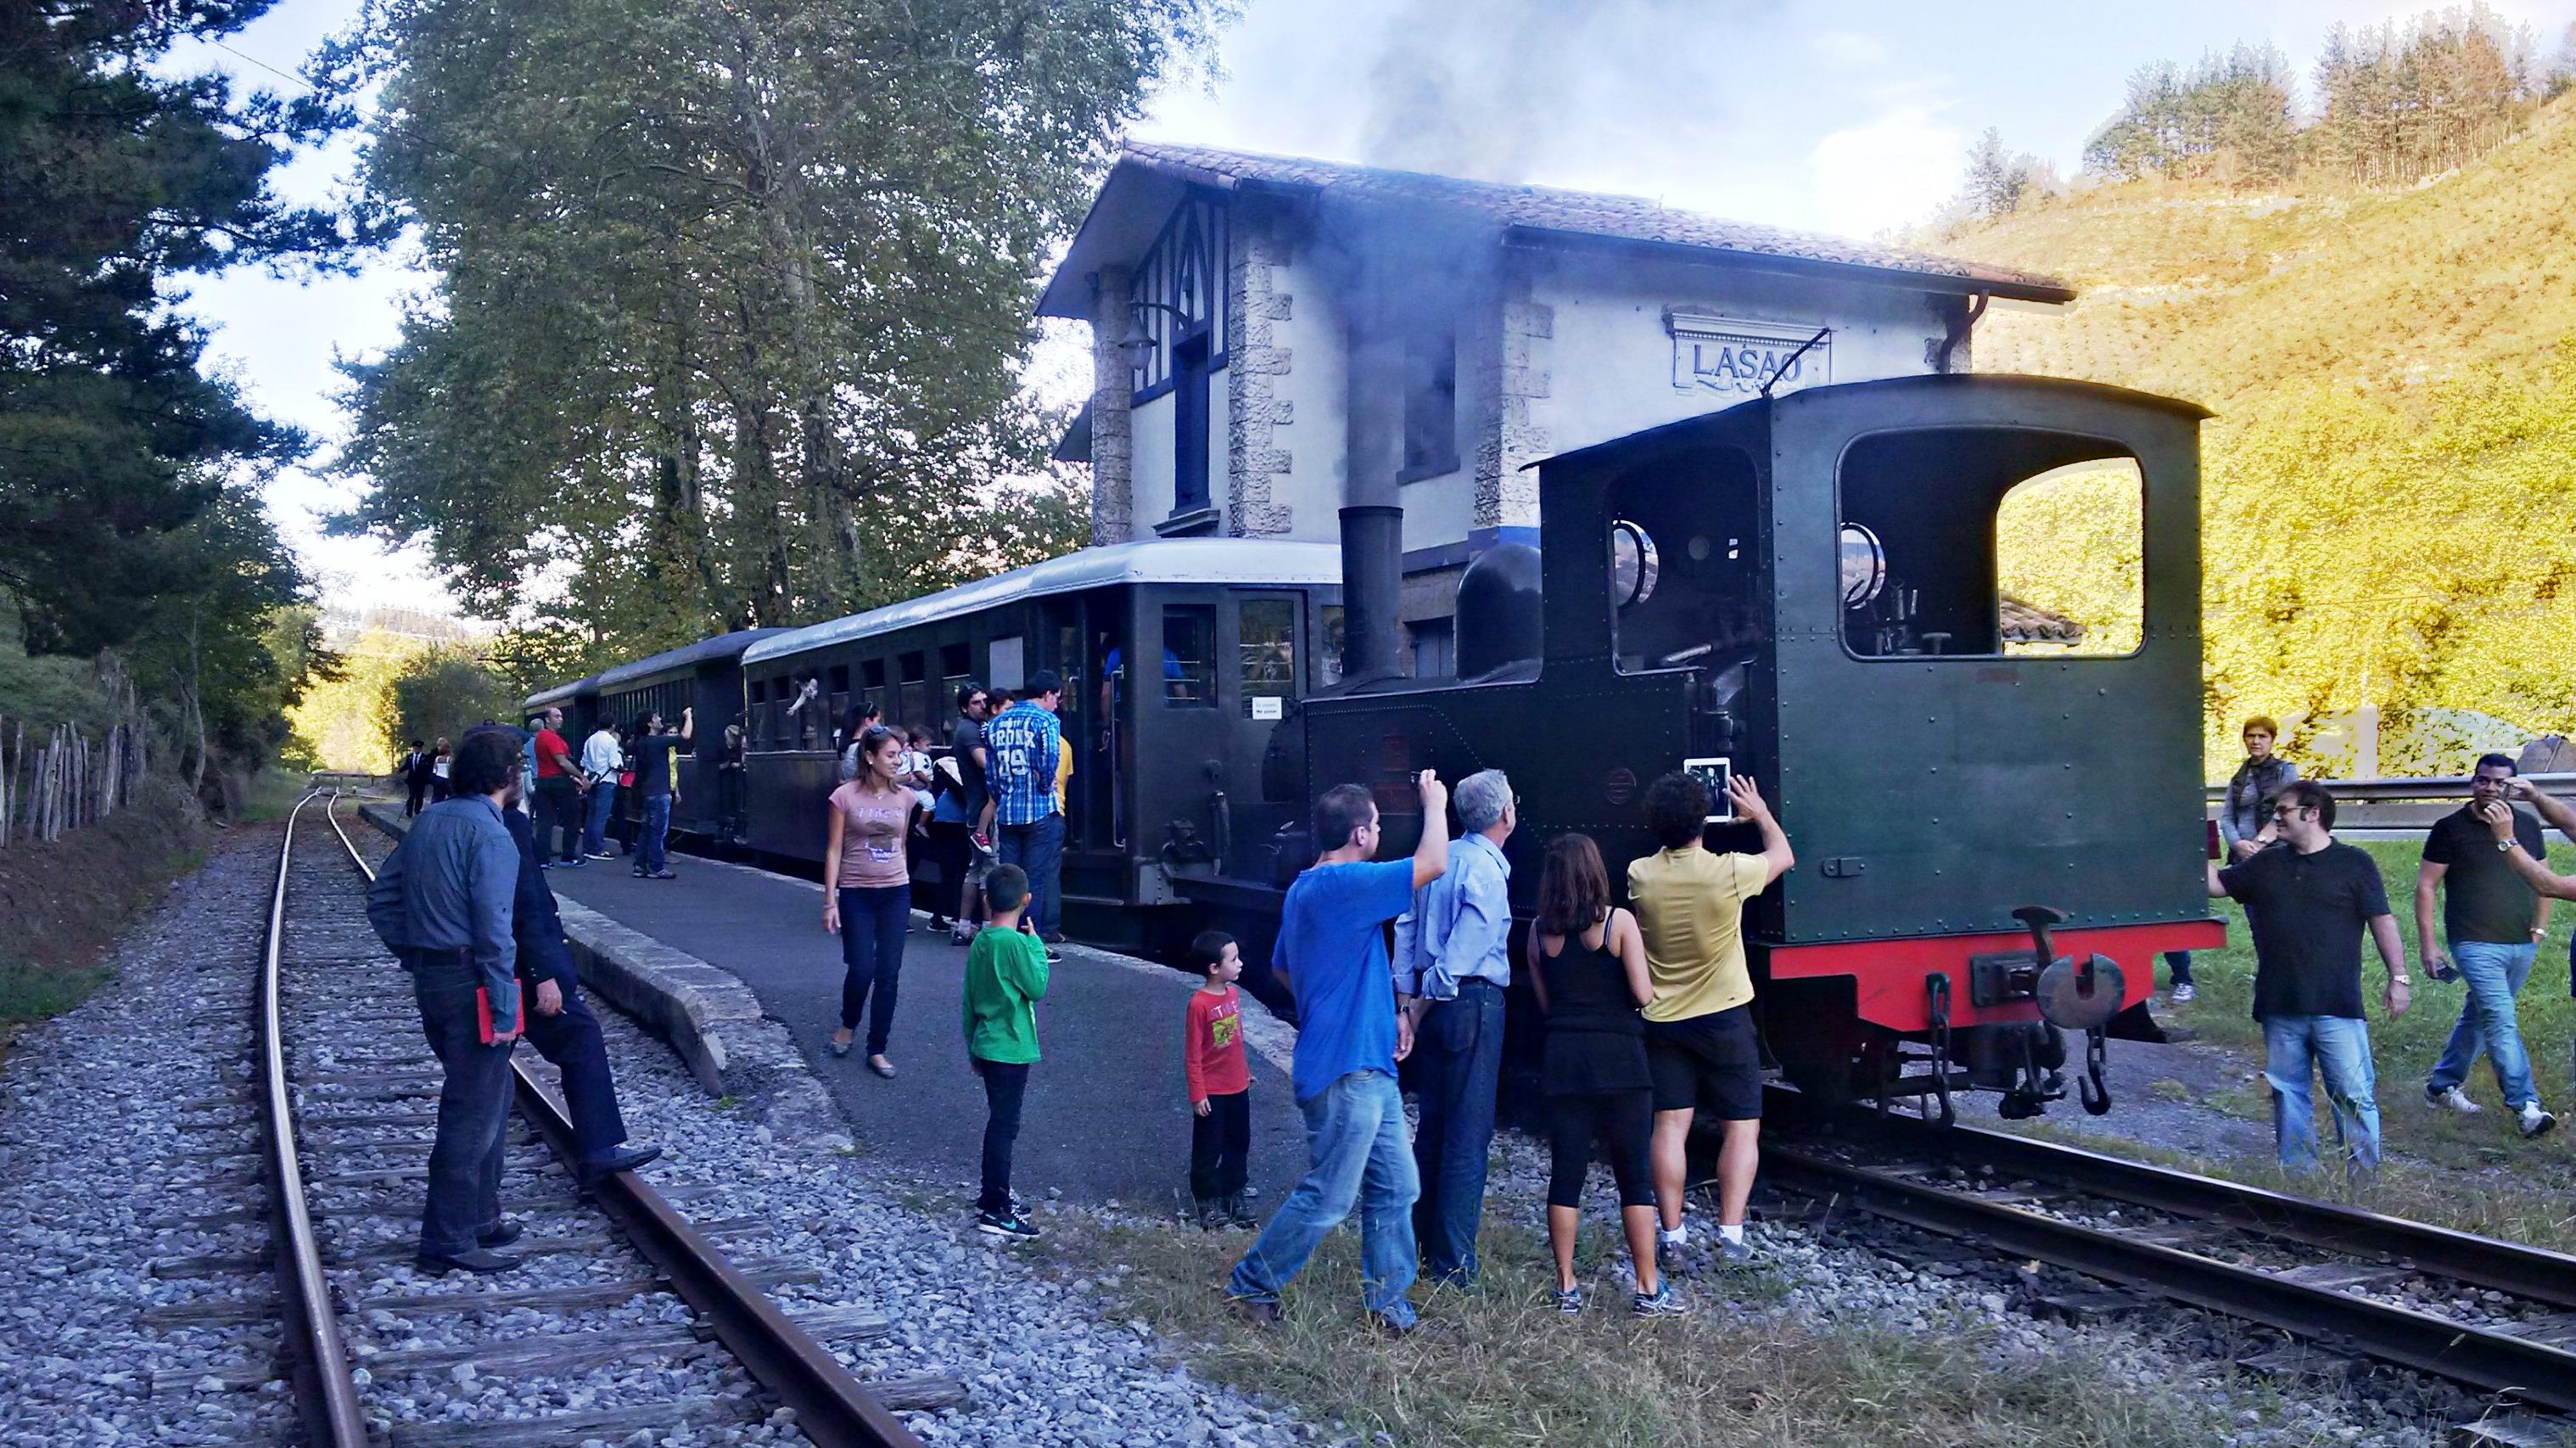 museo_ferrocarril_01.jpg